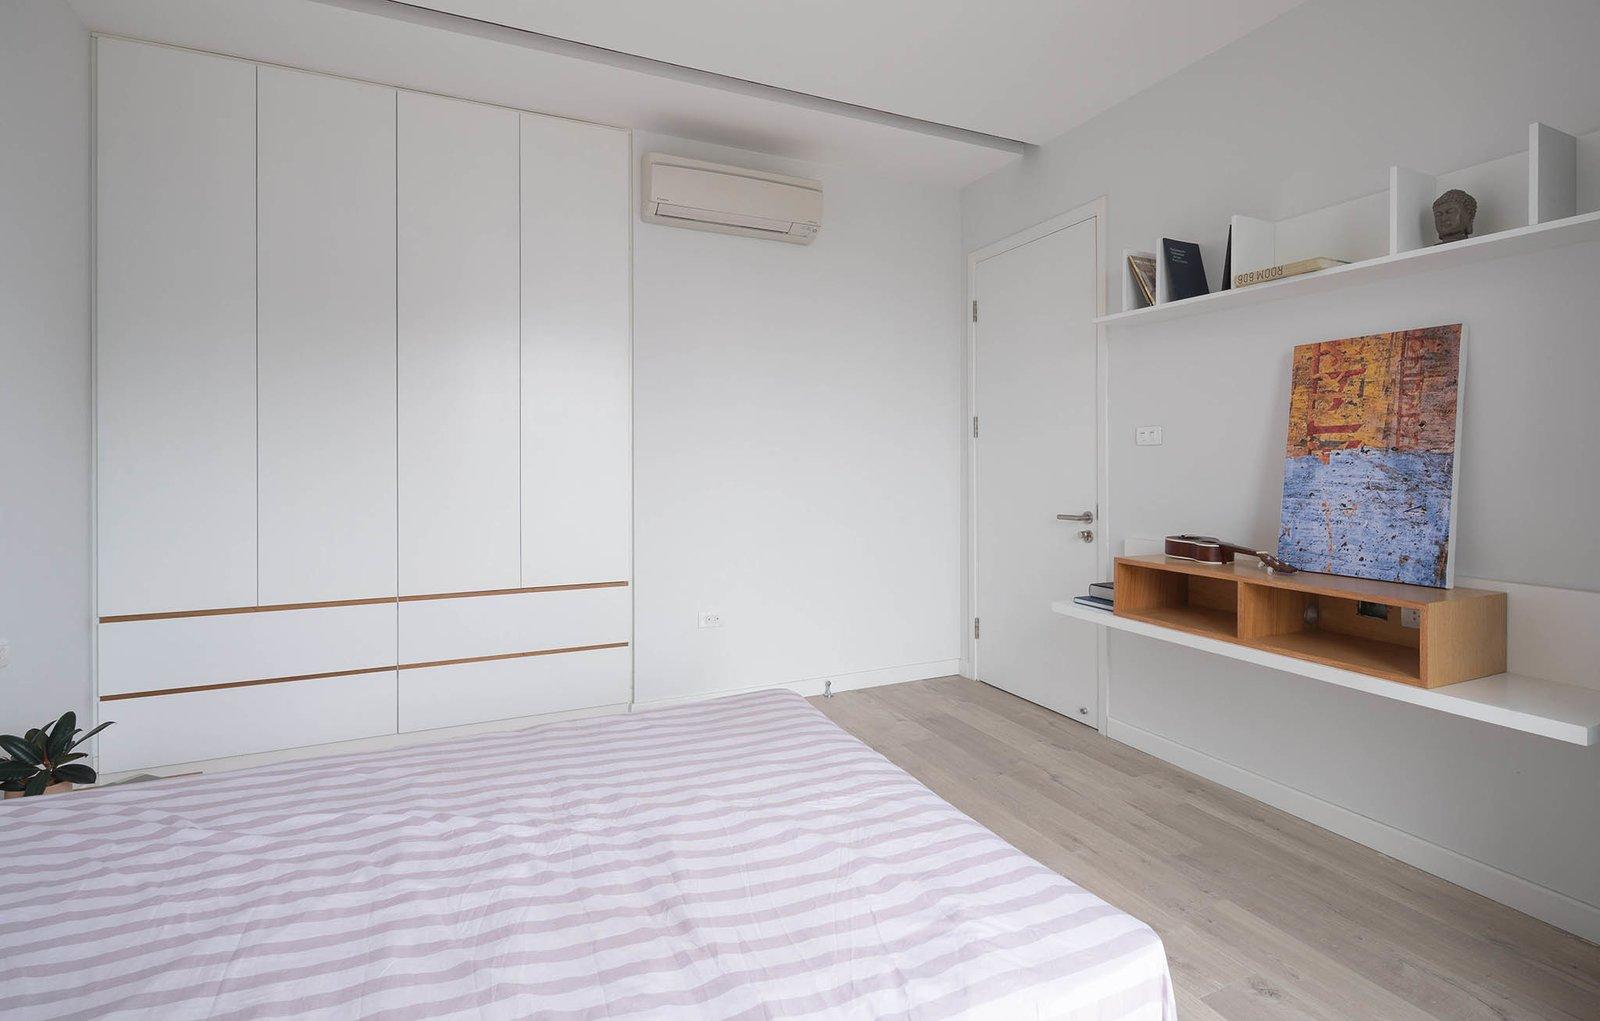 Bedroom, Light Hardwood Floor, Bed, and Ceiling Lighting bedroom  A.D02